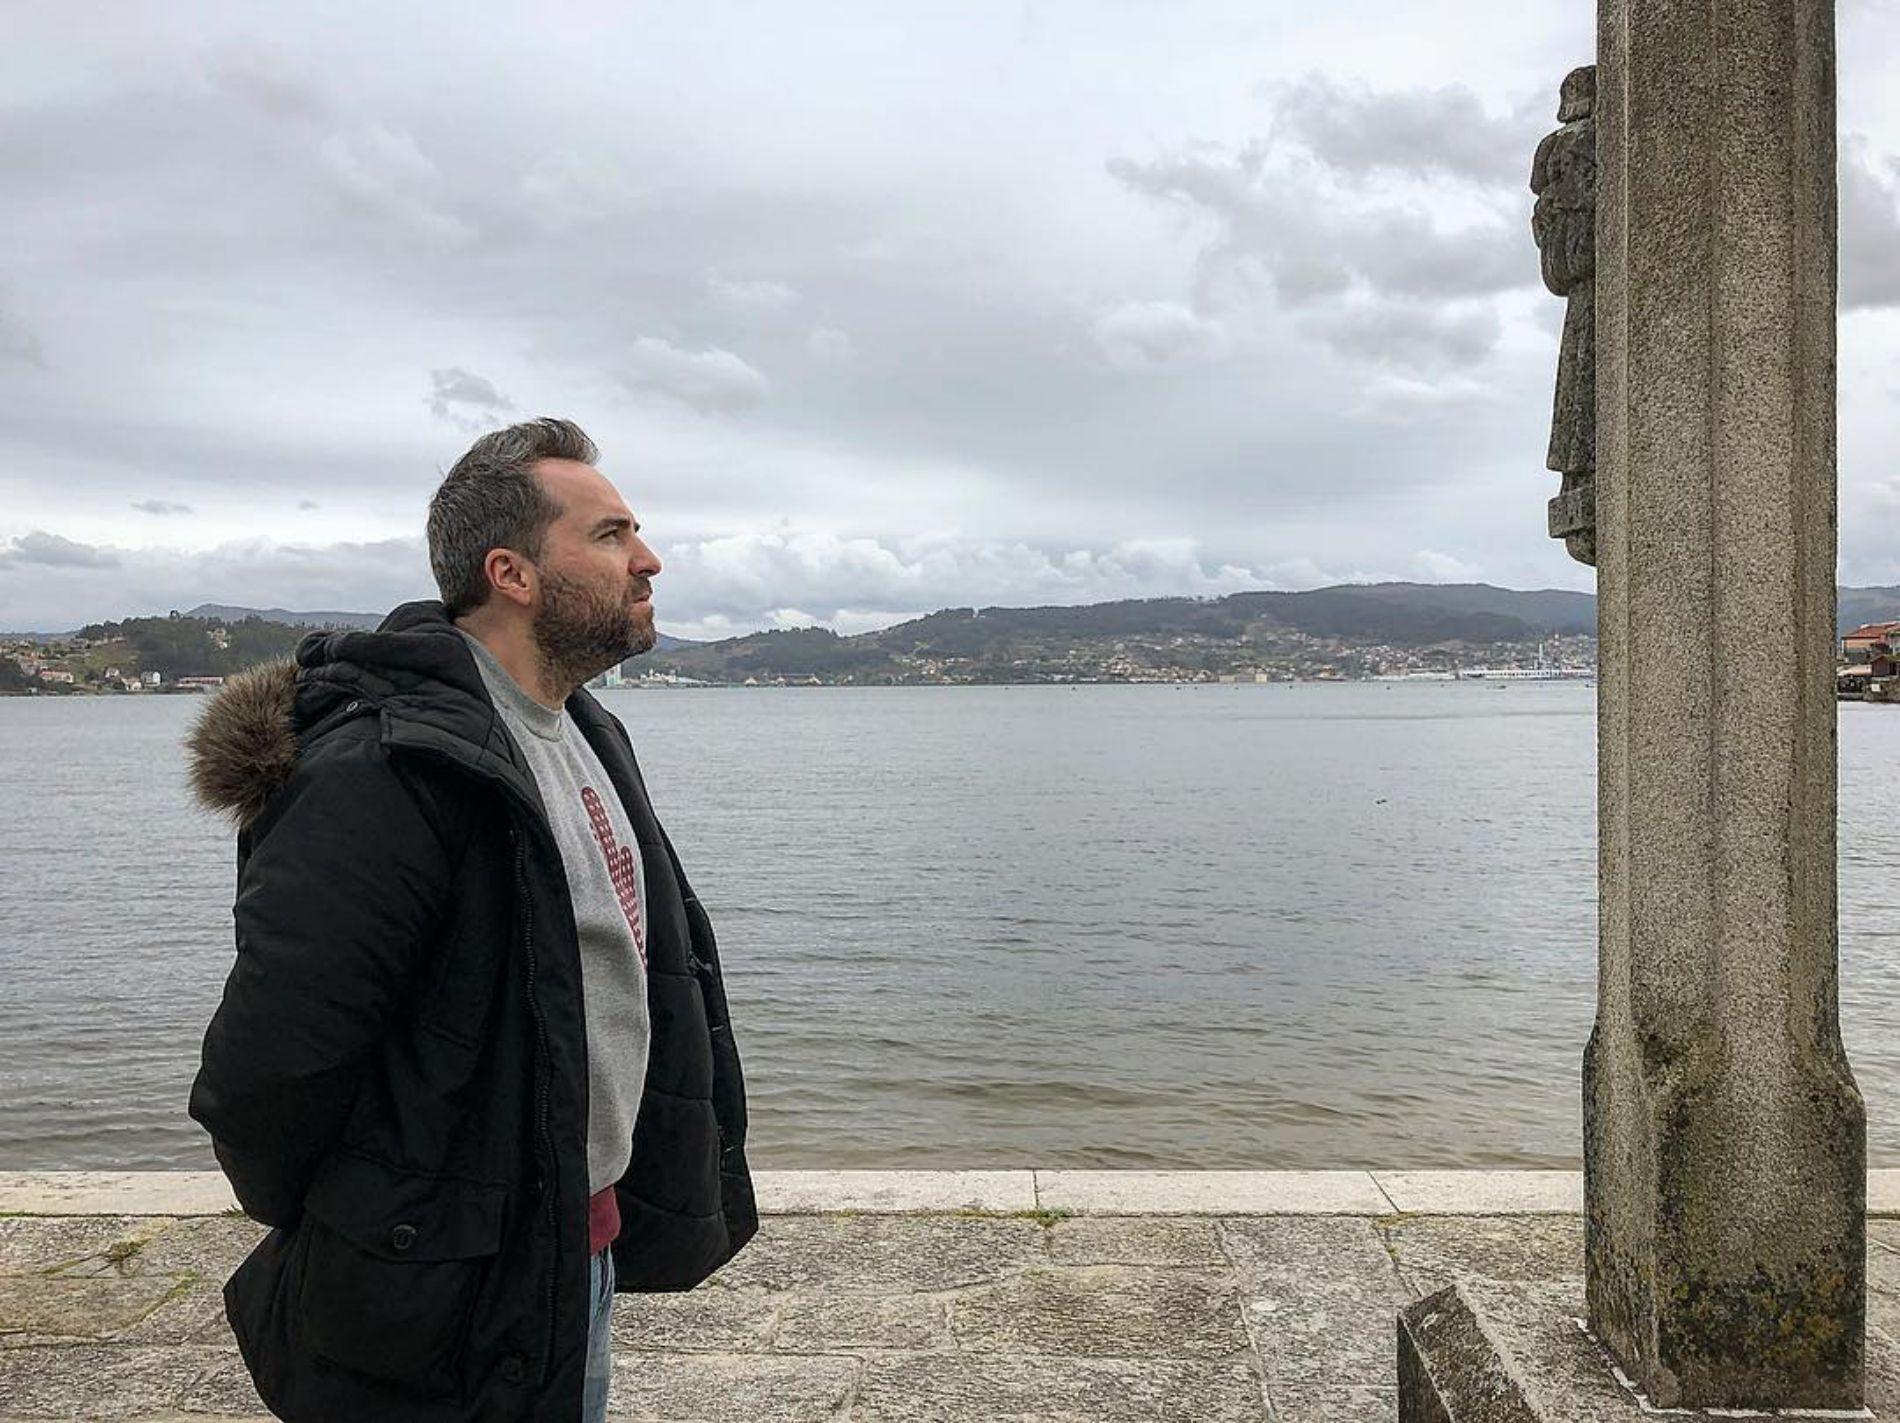 En Cambados, la capital del albariño, el humorista Raúl Pérez, asomado a la ría de Arousa. Foto: Instagram.